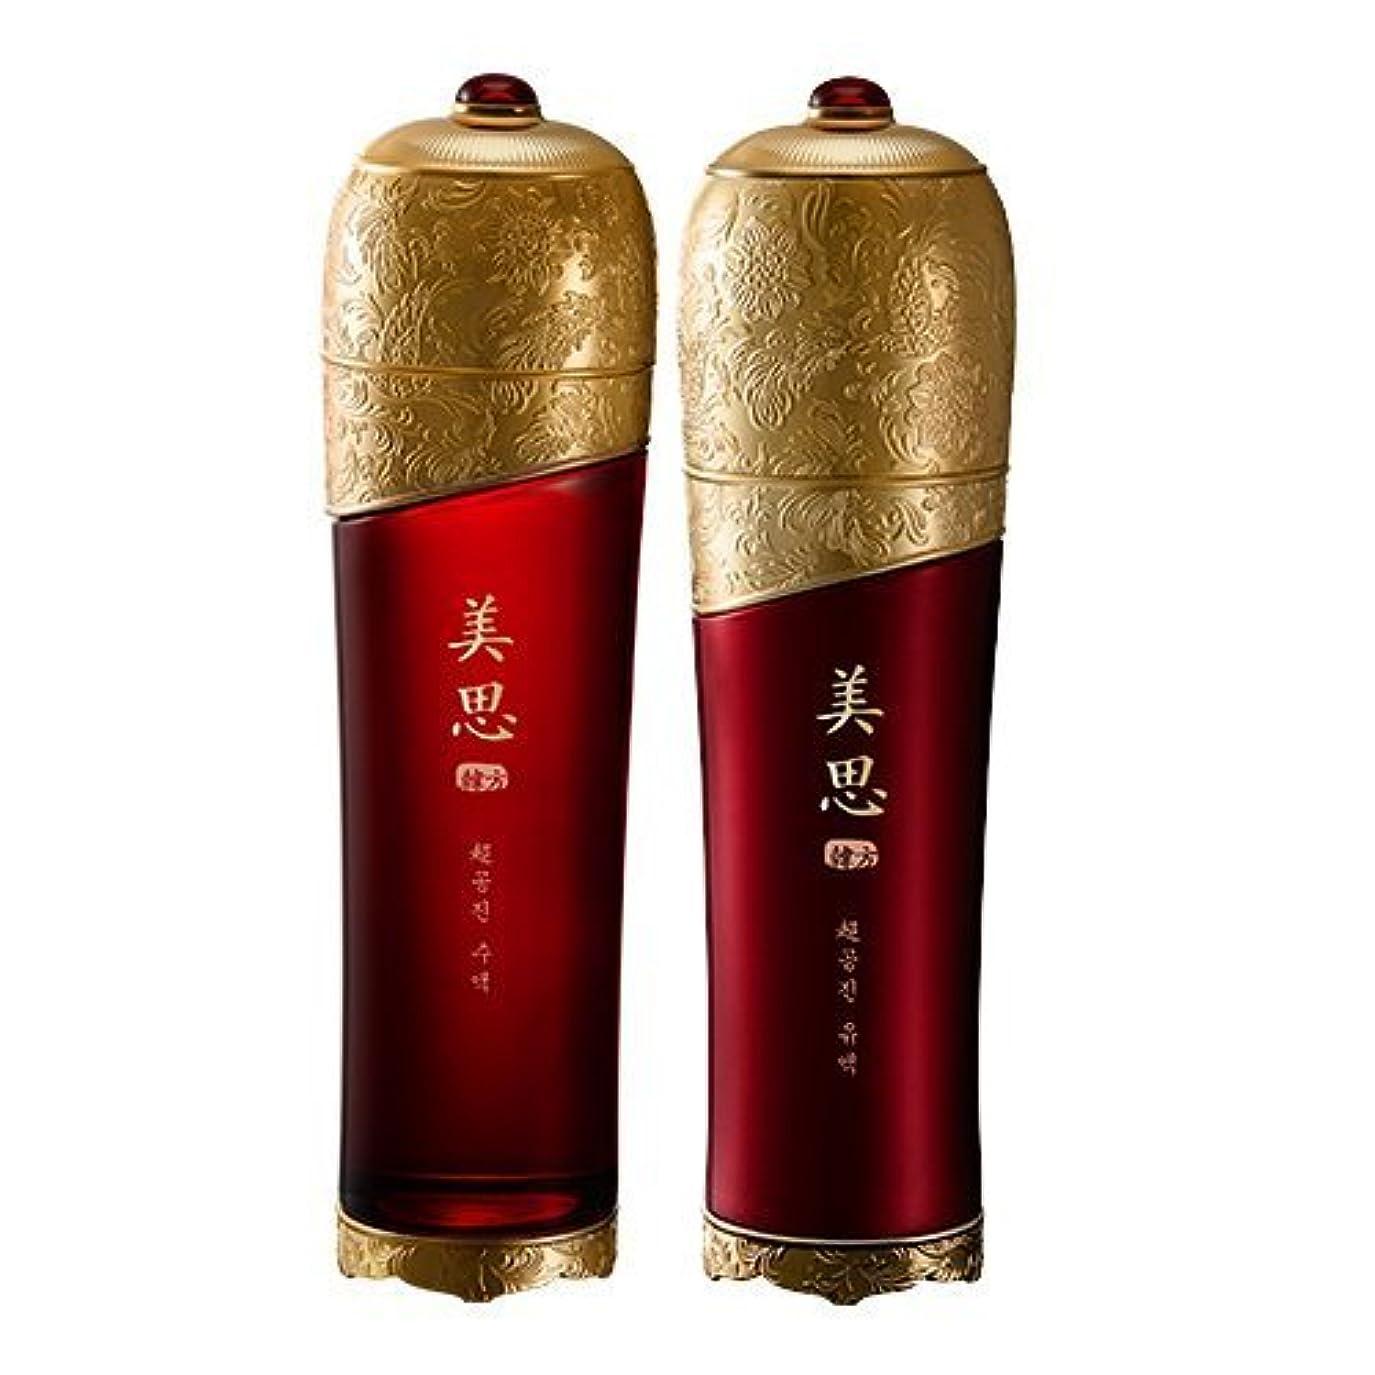 旧正月その結果子供達MISSHA(ミシャ) 美思 韓方 チョゴンジン 基礎化粧品 スキンケア 化粧水+乳液=お得2種Set